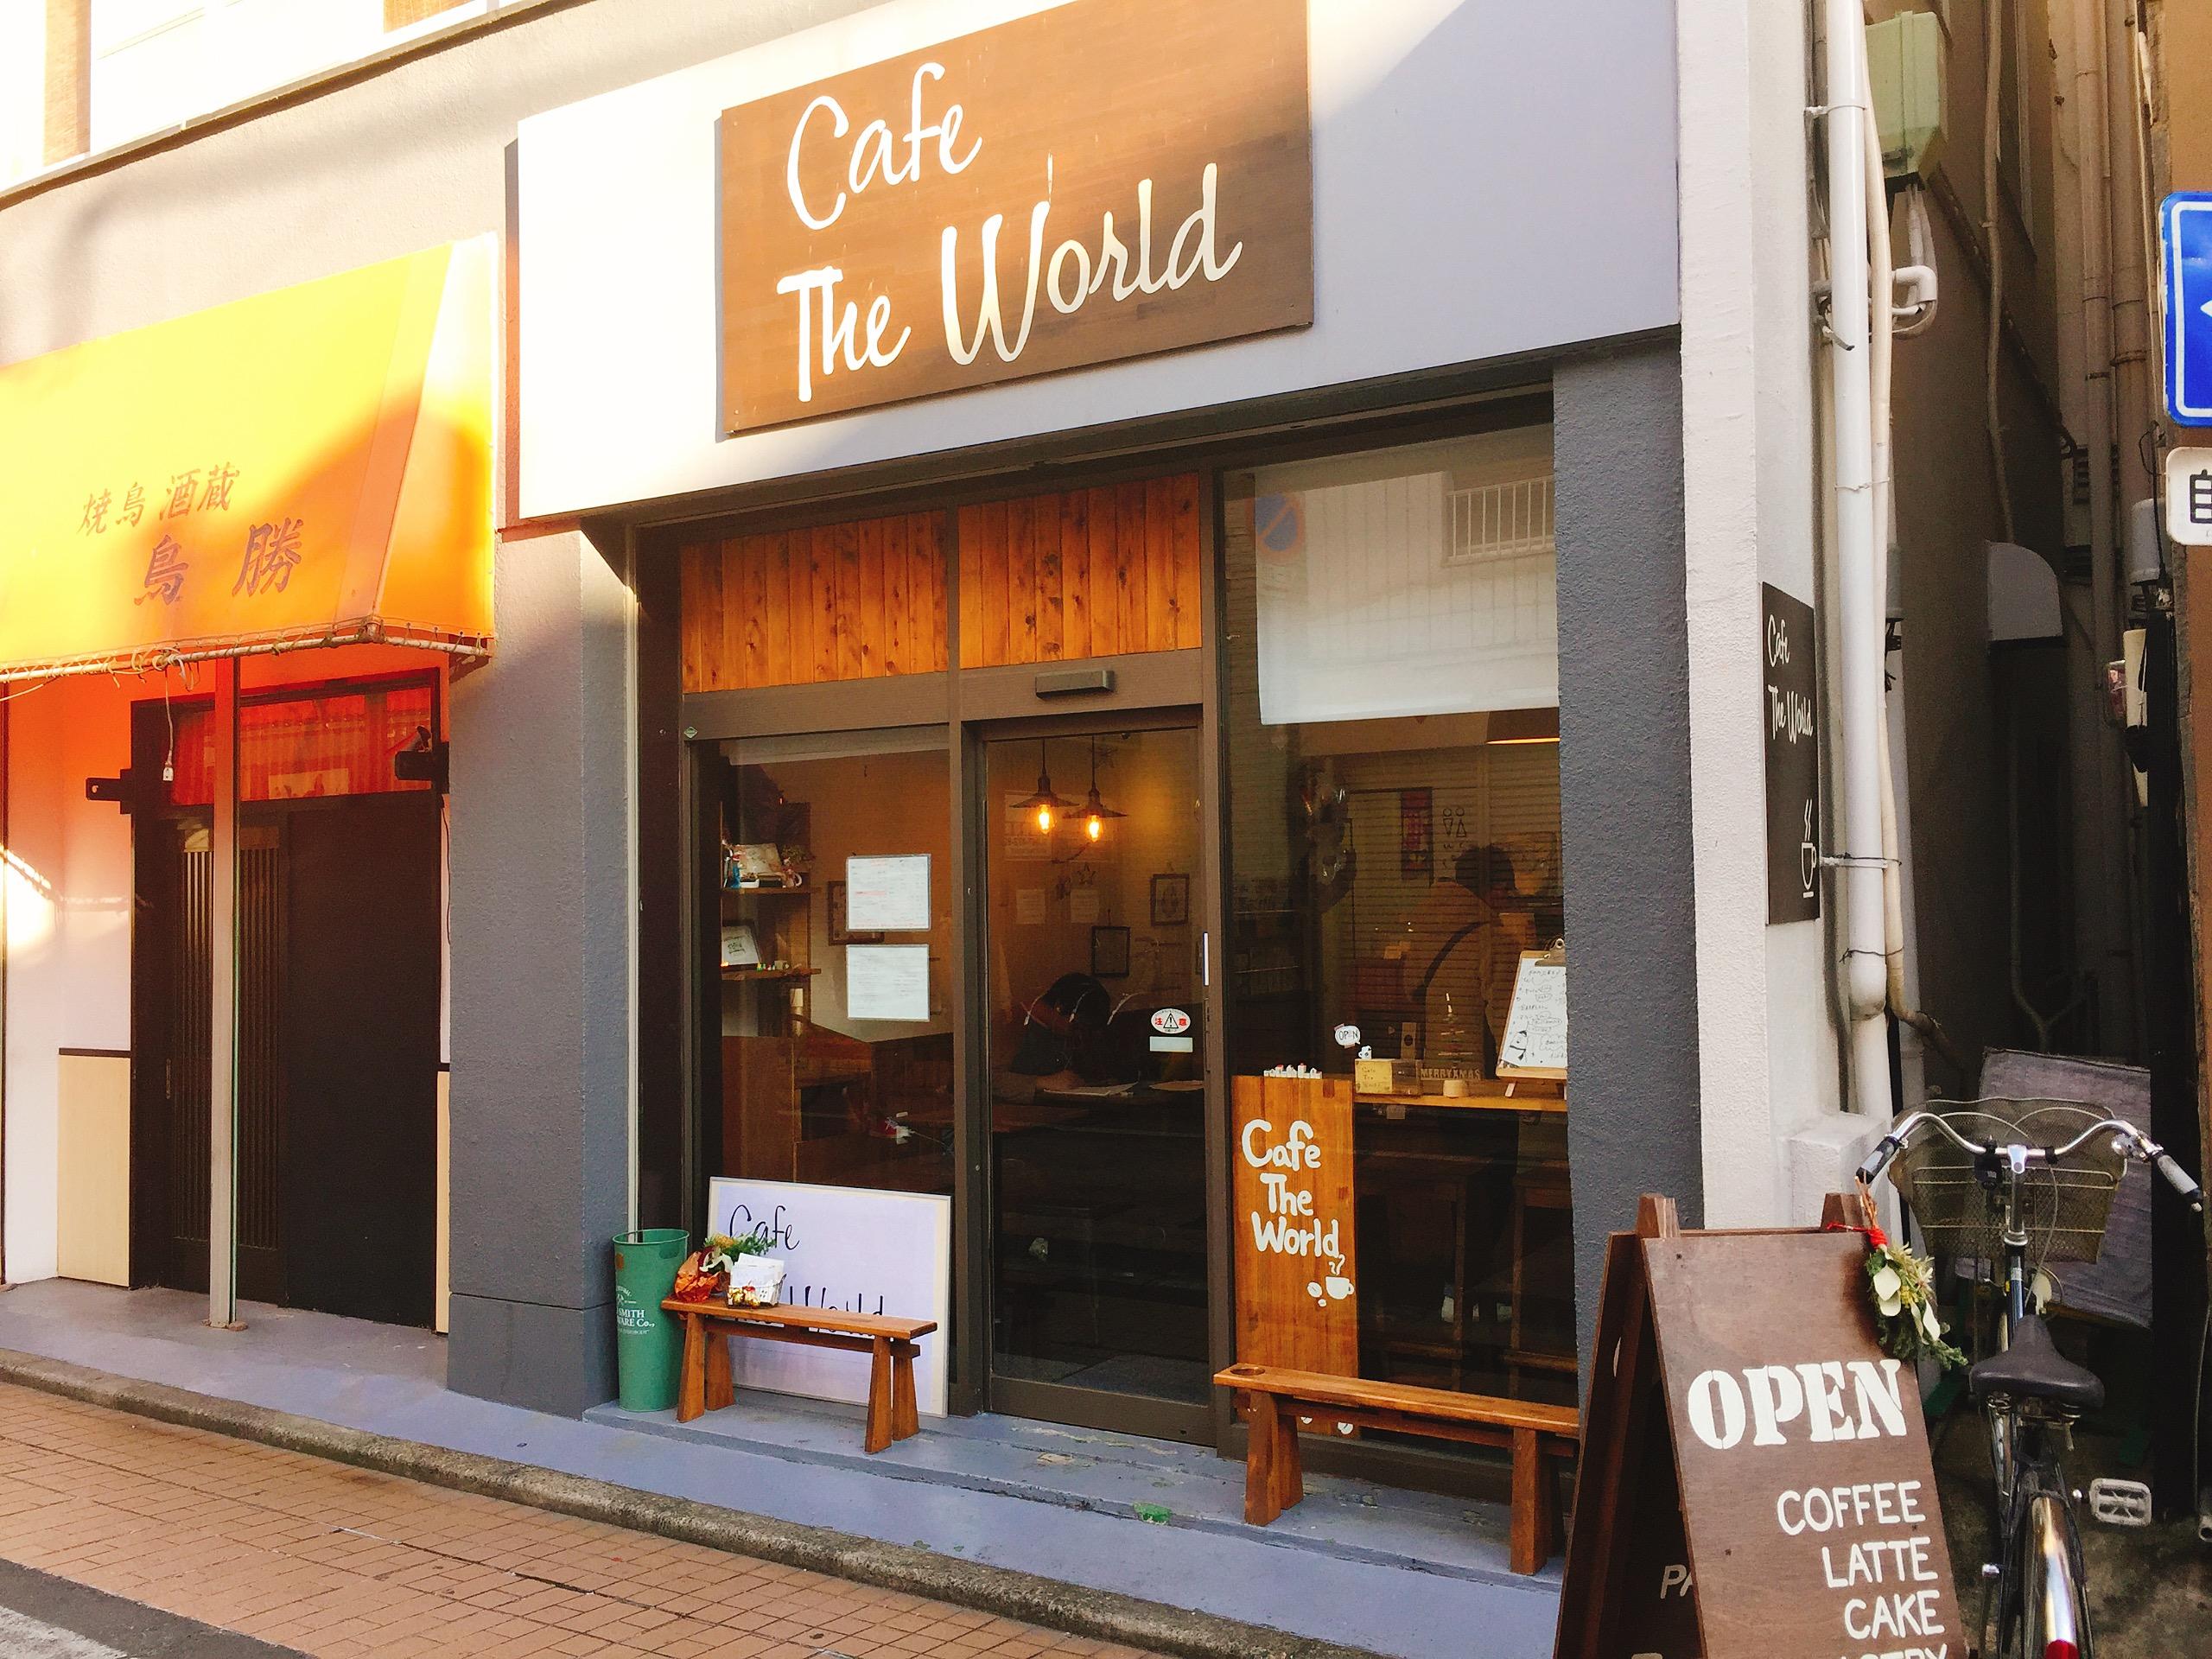 京成大久保駅 電源カフェ cafe the world(カフェ ザ ワールド) Wi-Fi